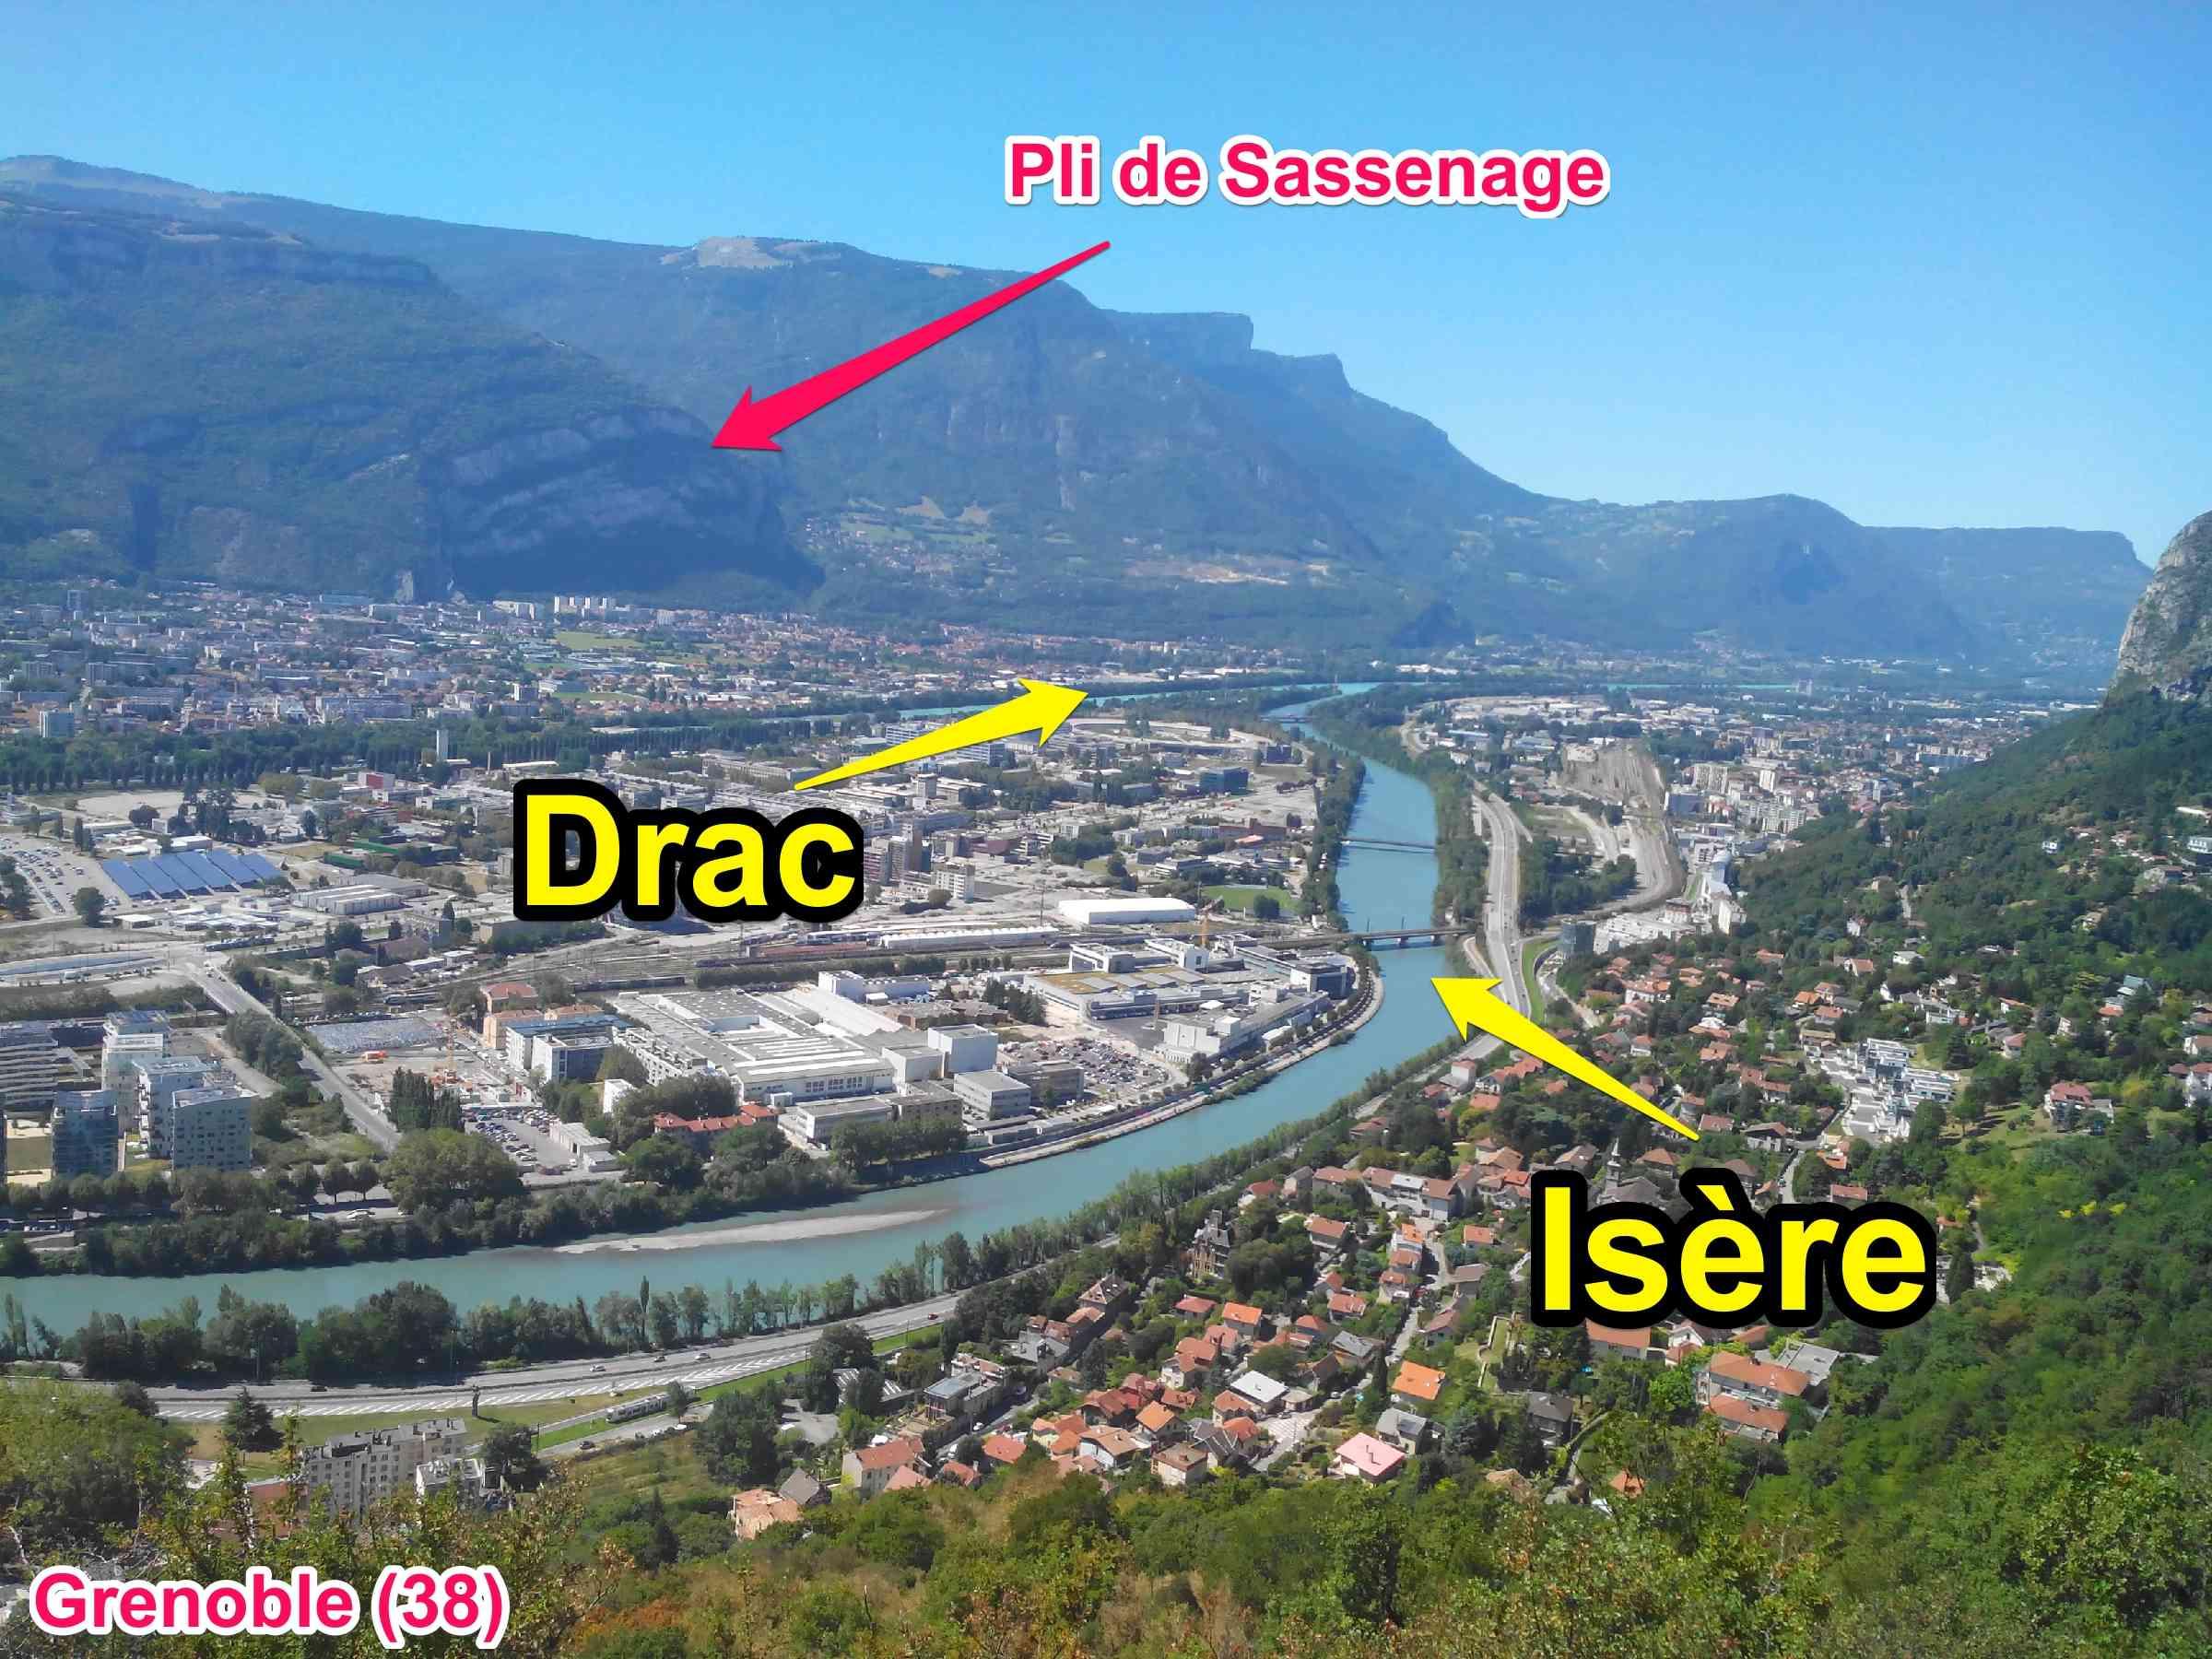 drac isère pli de sassenage Grenoble Alpes géologie